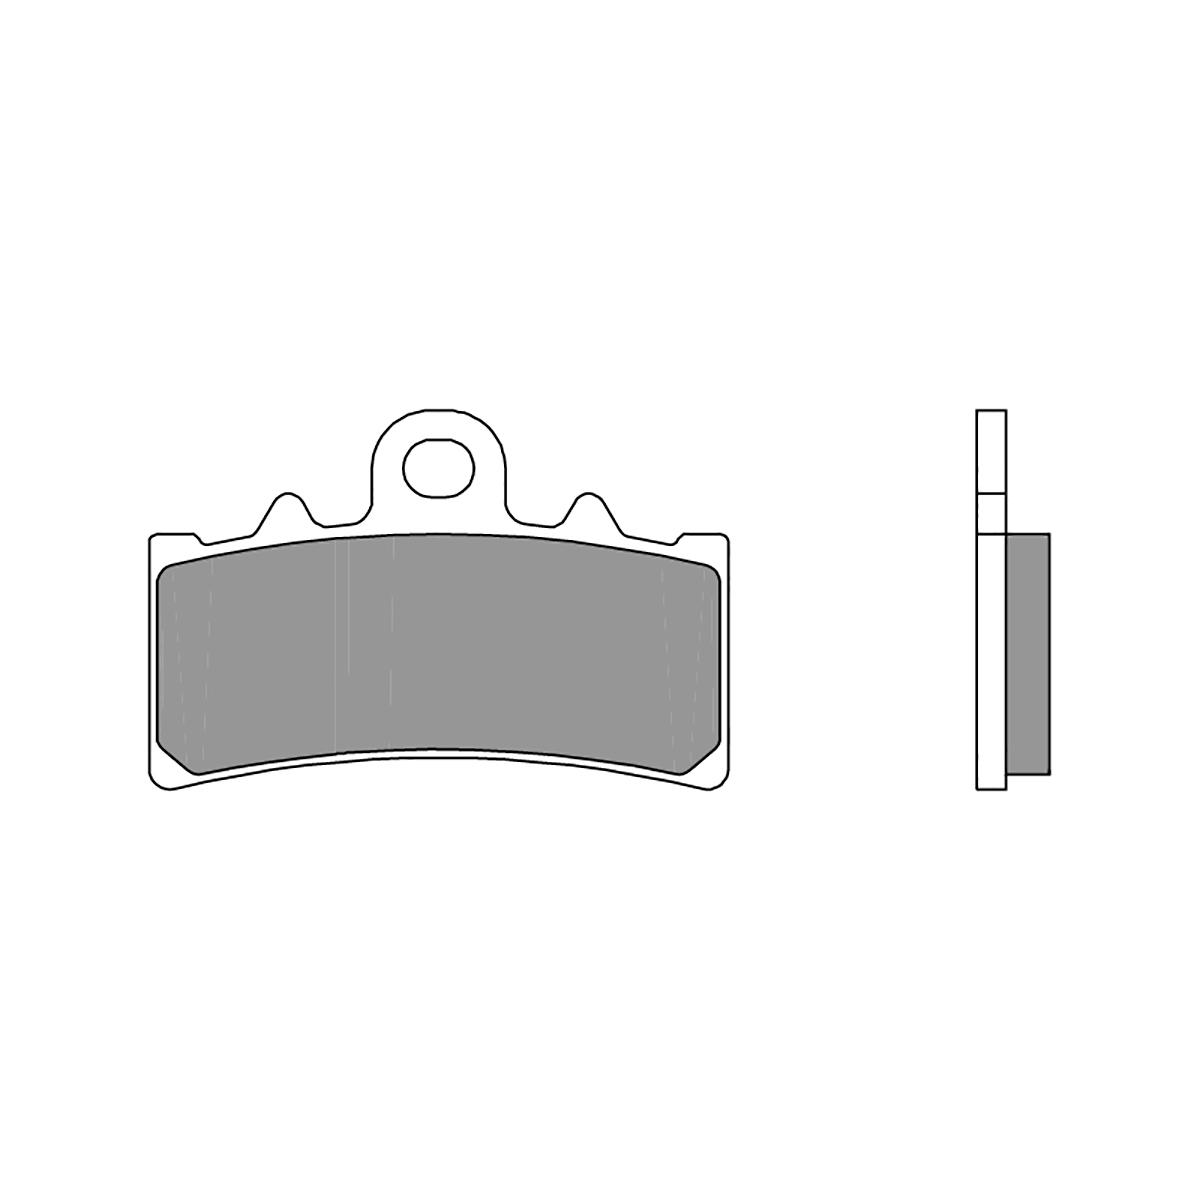 07GR18SC Pastillas Brembo Freno Delantero 07GR18SC para Ktm RC R 390 2018